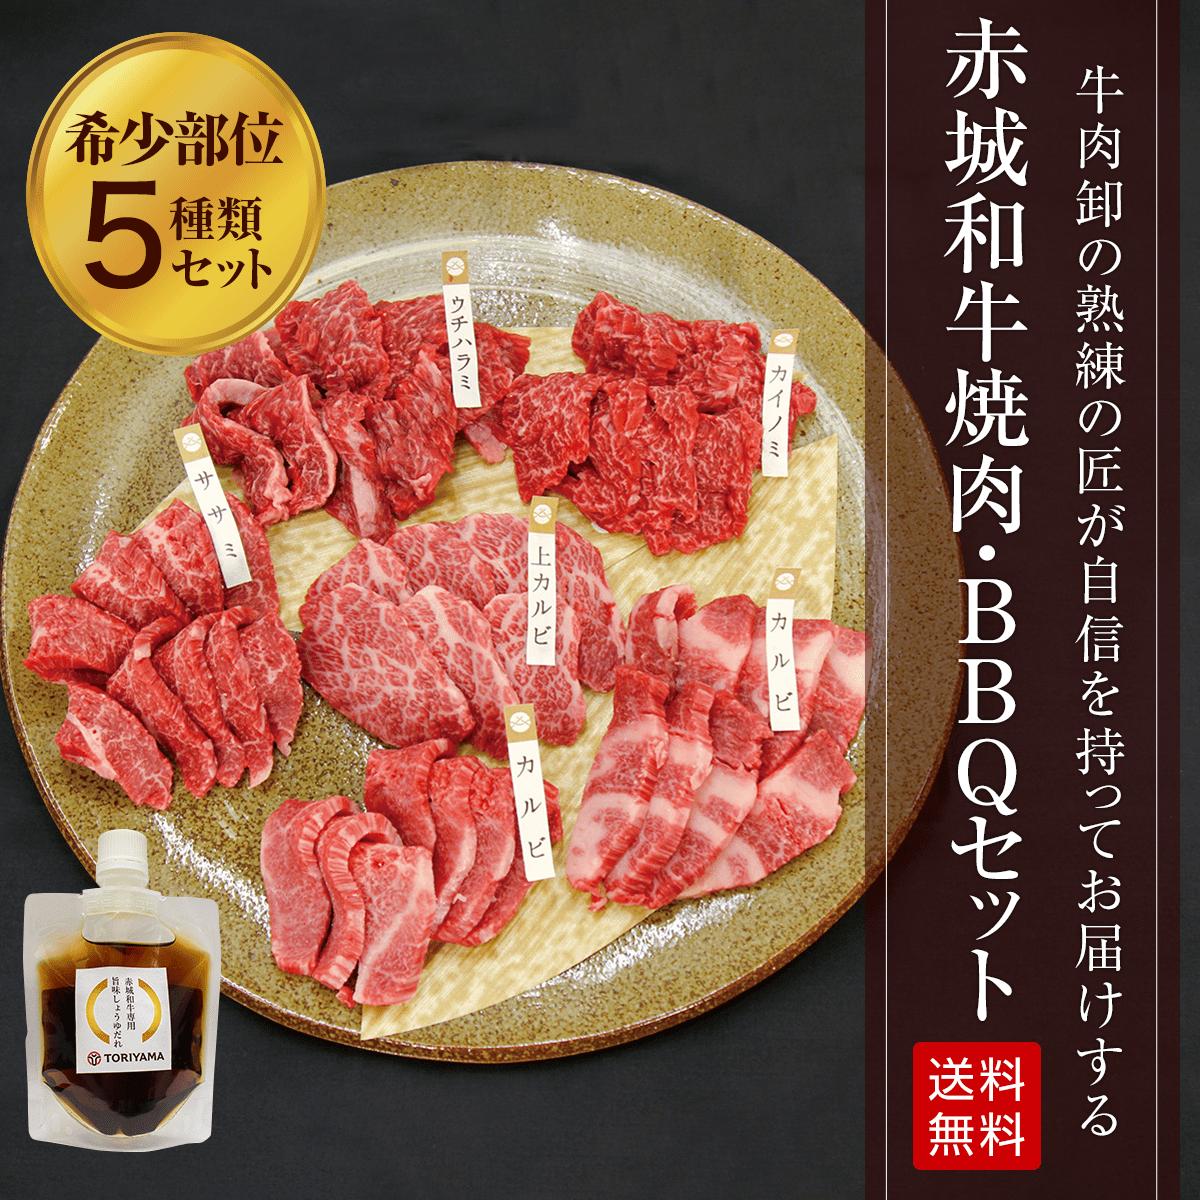 赤城和牛本格焼肉・BBQセット 600g (5種類) おためし赤城和牛専用旨味しょうゆだれ1本付